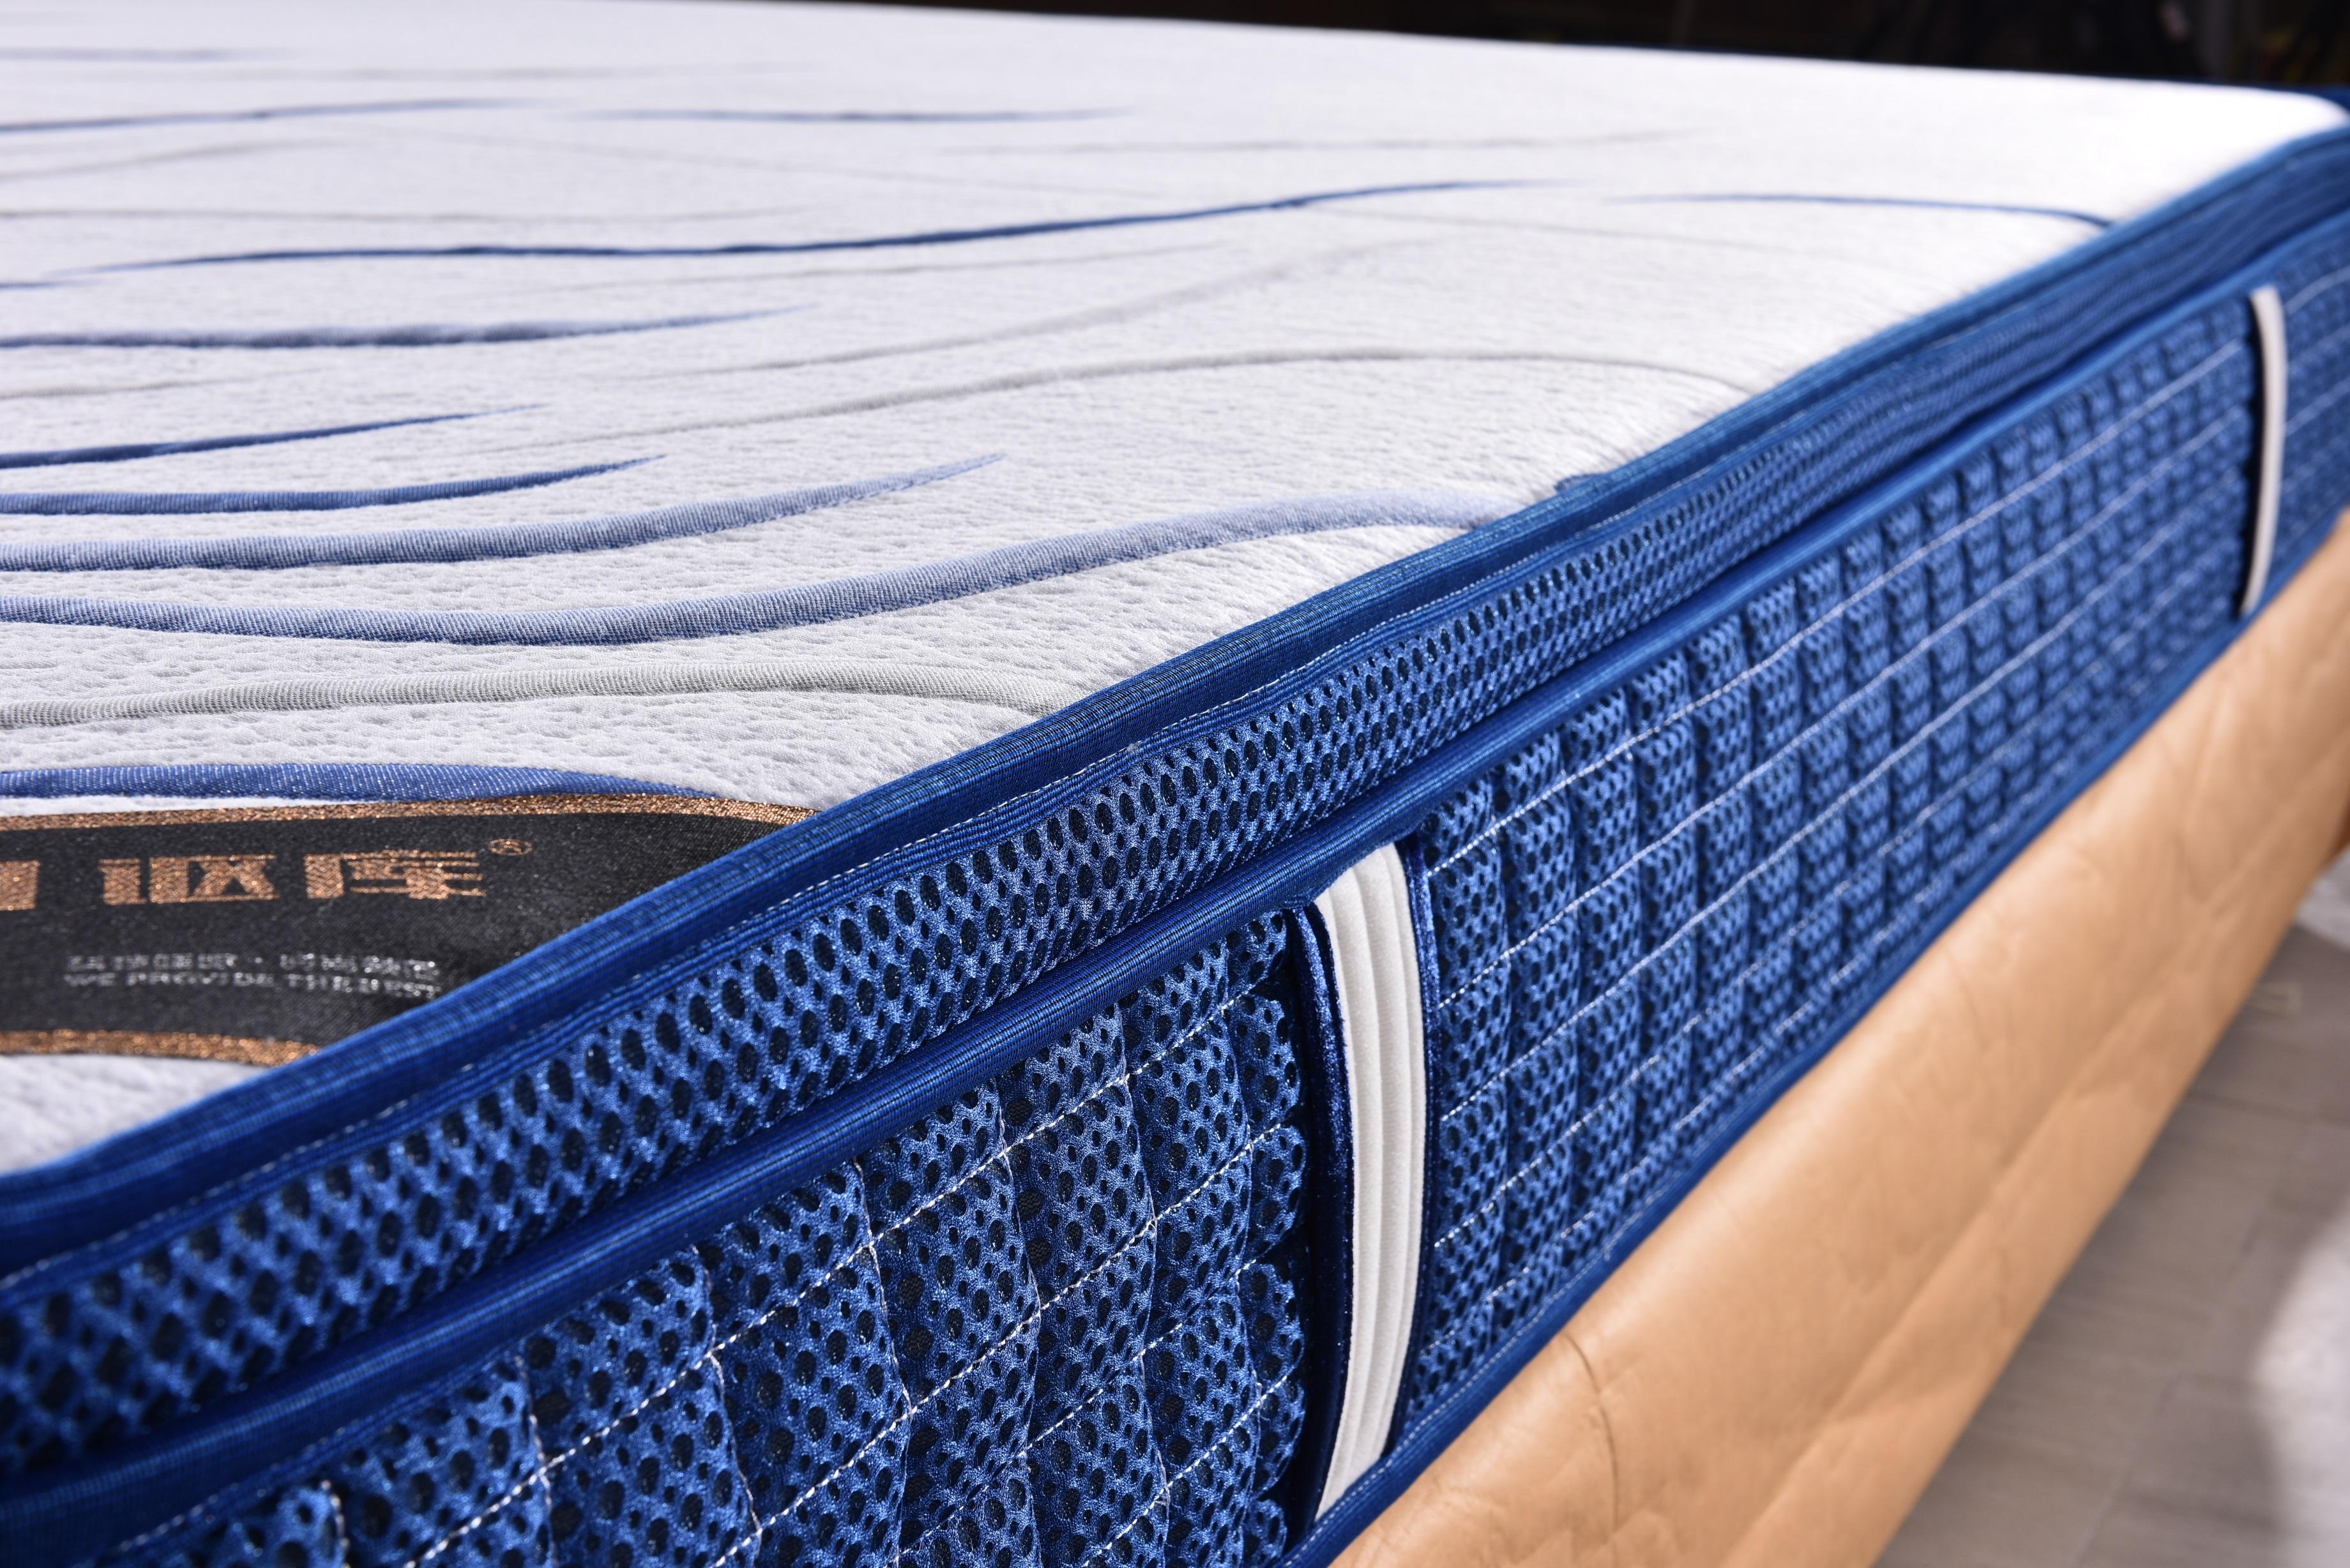 纯天然乳胶床垫 高回弹海绵床垫 卧室家具床垫 佛山床垫定制加工厂 一生相伴